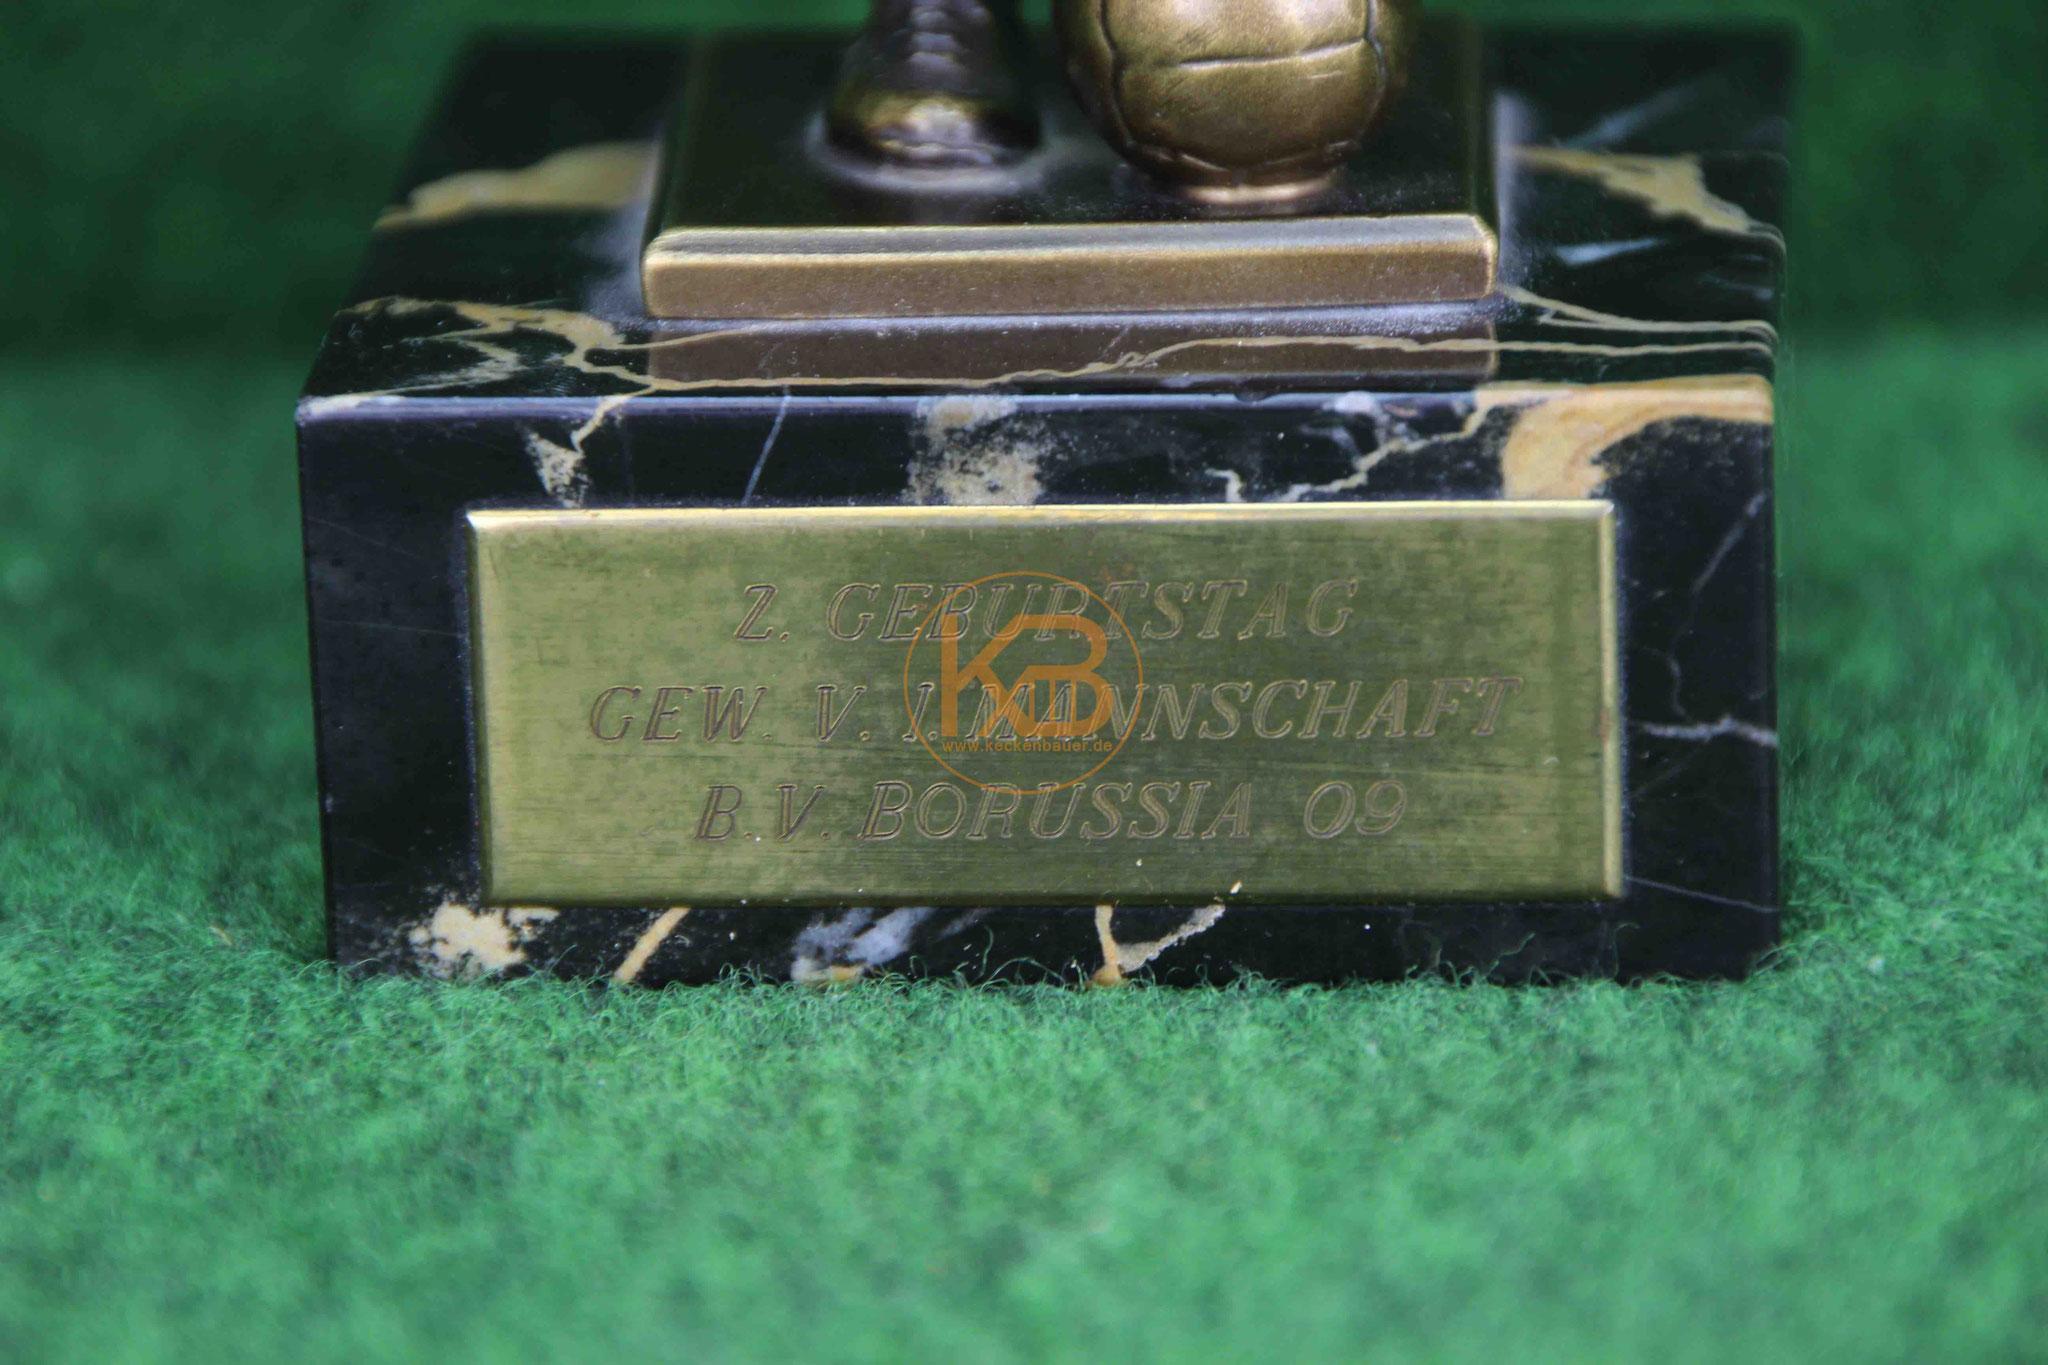 Fussballskulptur, die Max Merkel von der 1. Mannschaft von Borussia Dortmund geschenkt bekommen hat, sie stammt aus dem Nachlass von Max Merkel. 2/2